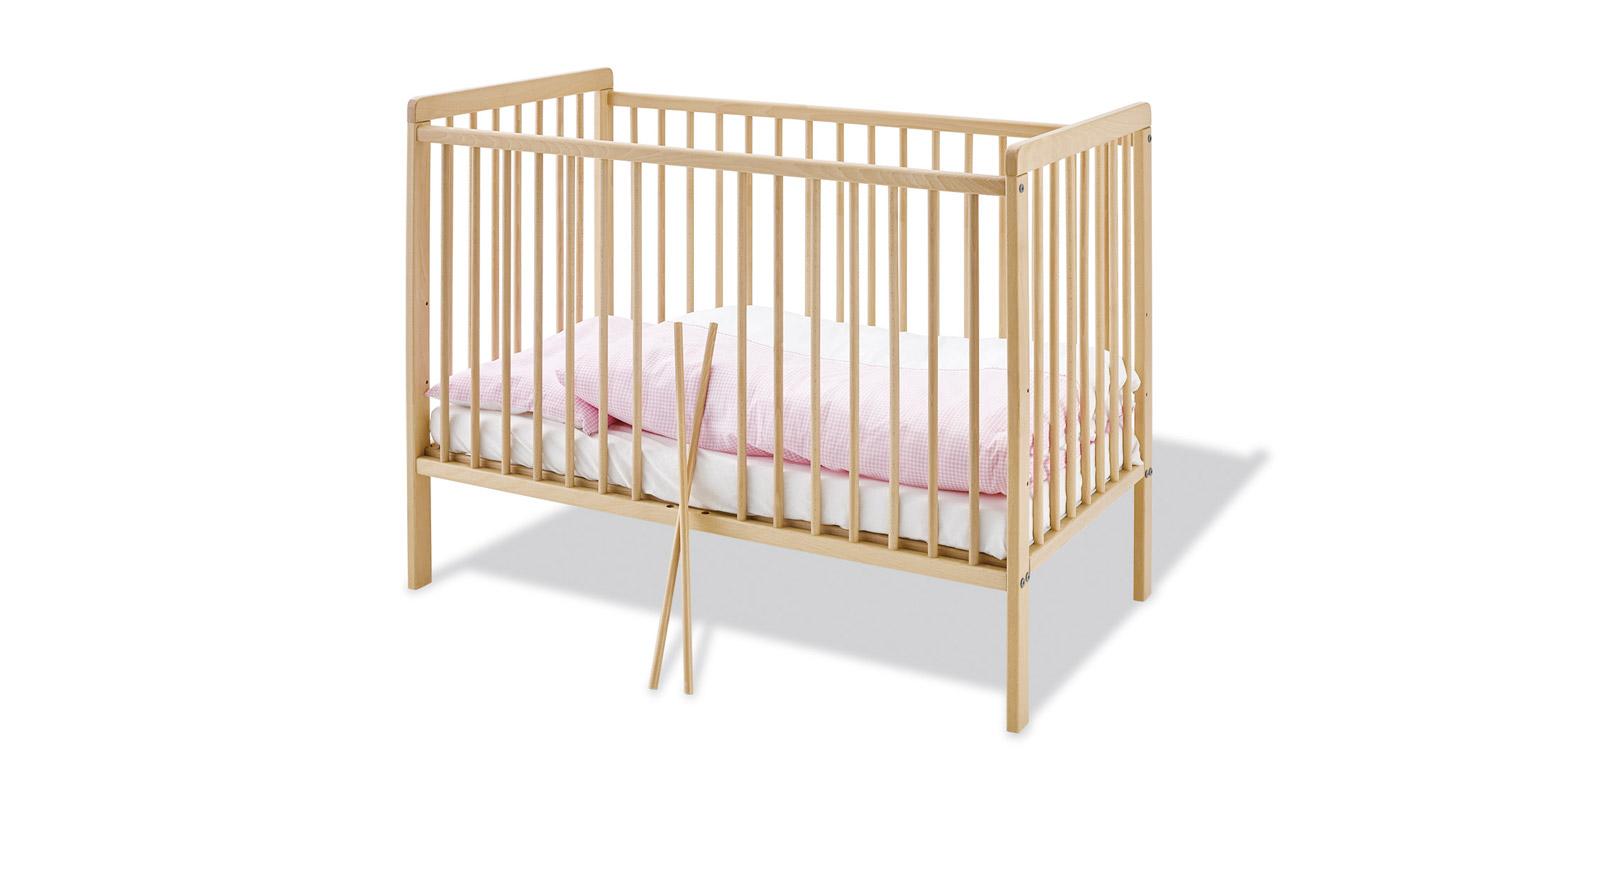 Babybett Hanna aus unbehandelter Buche mit Gitterstäben